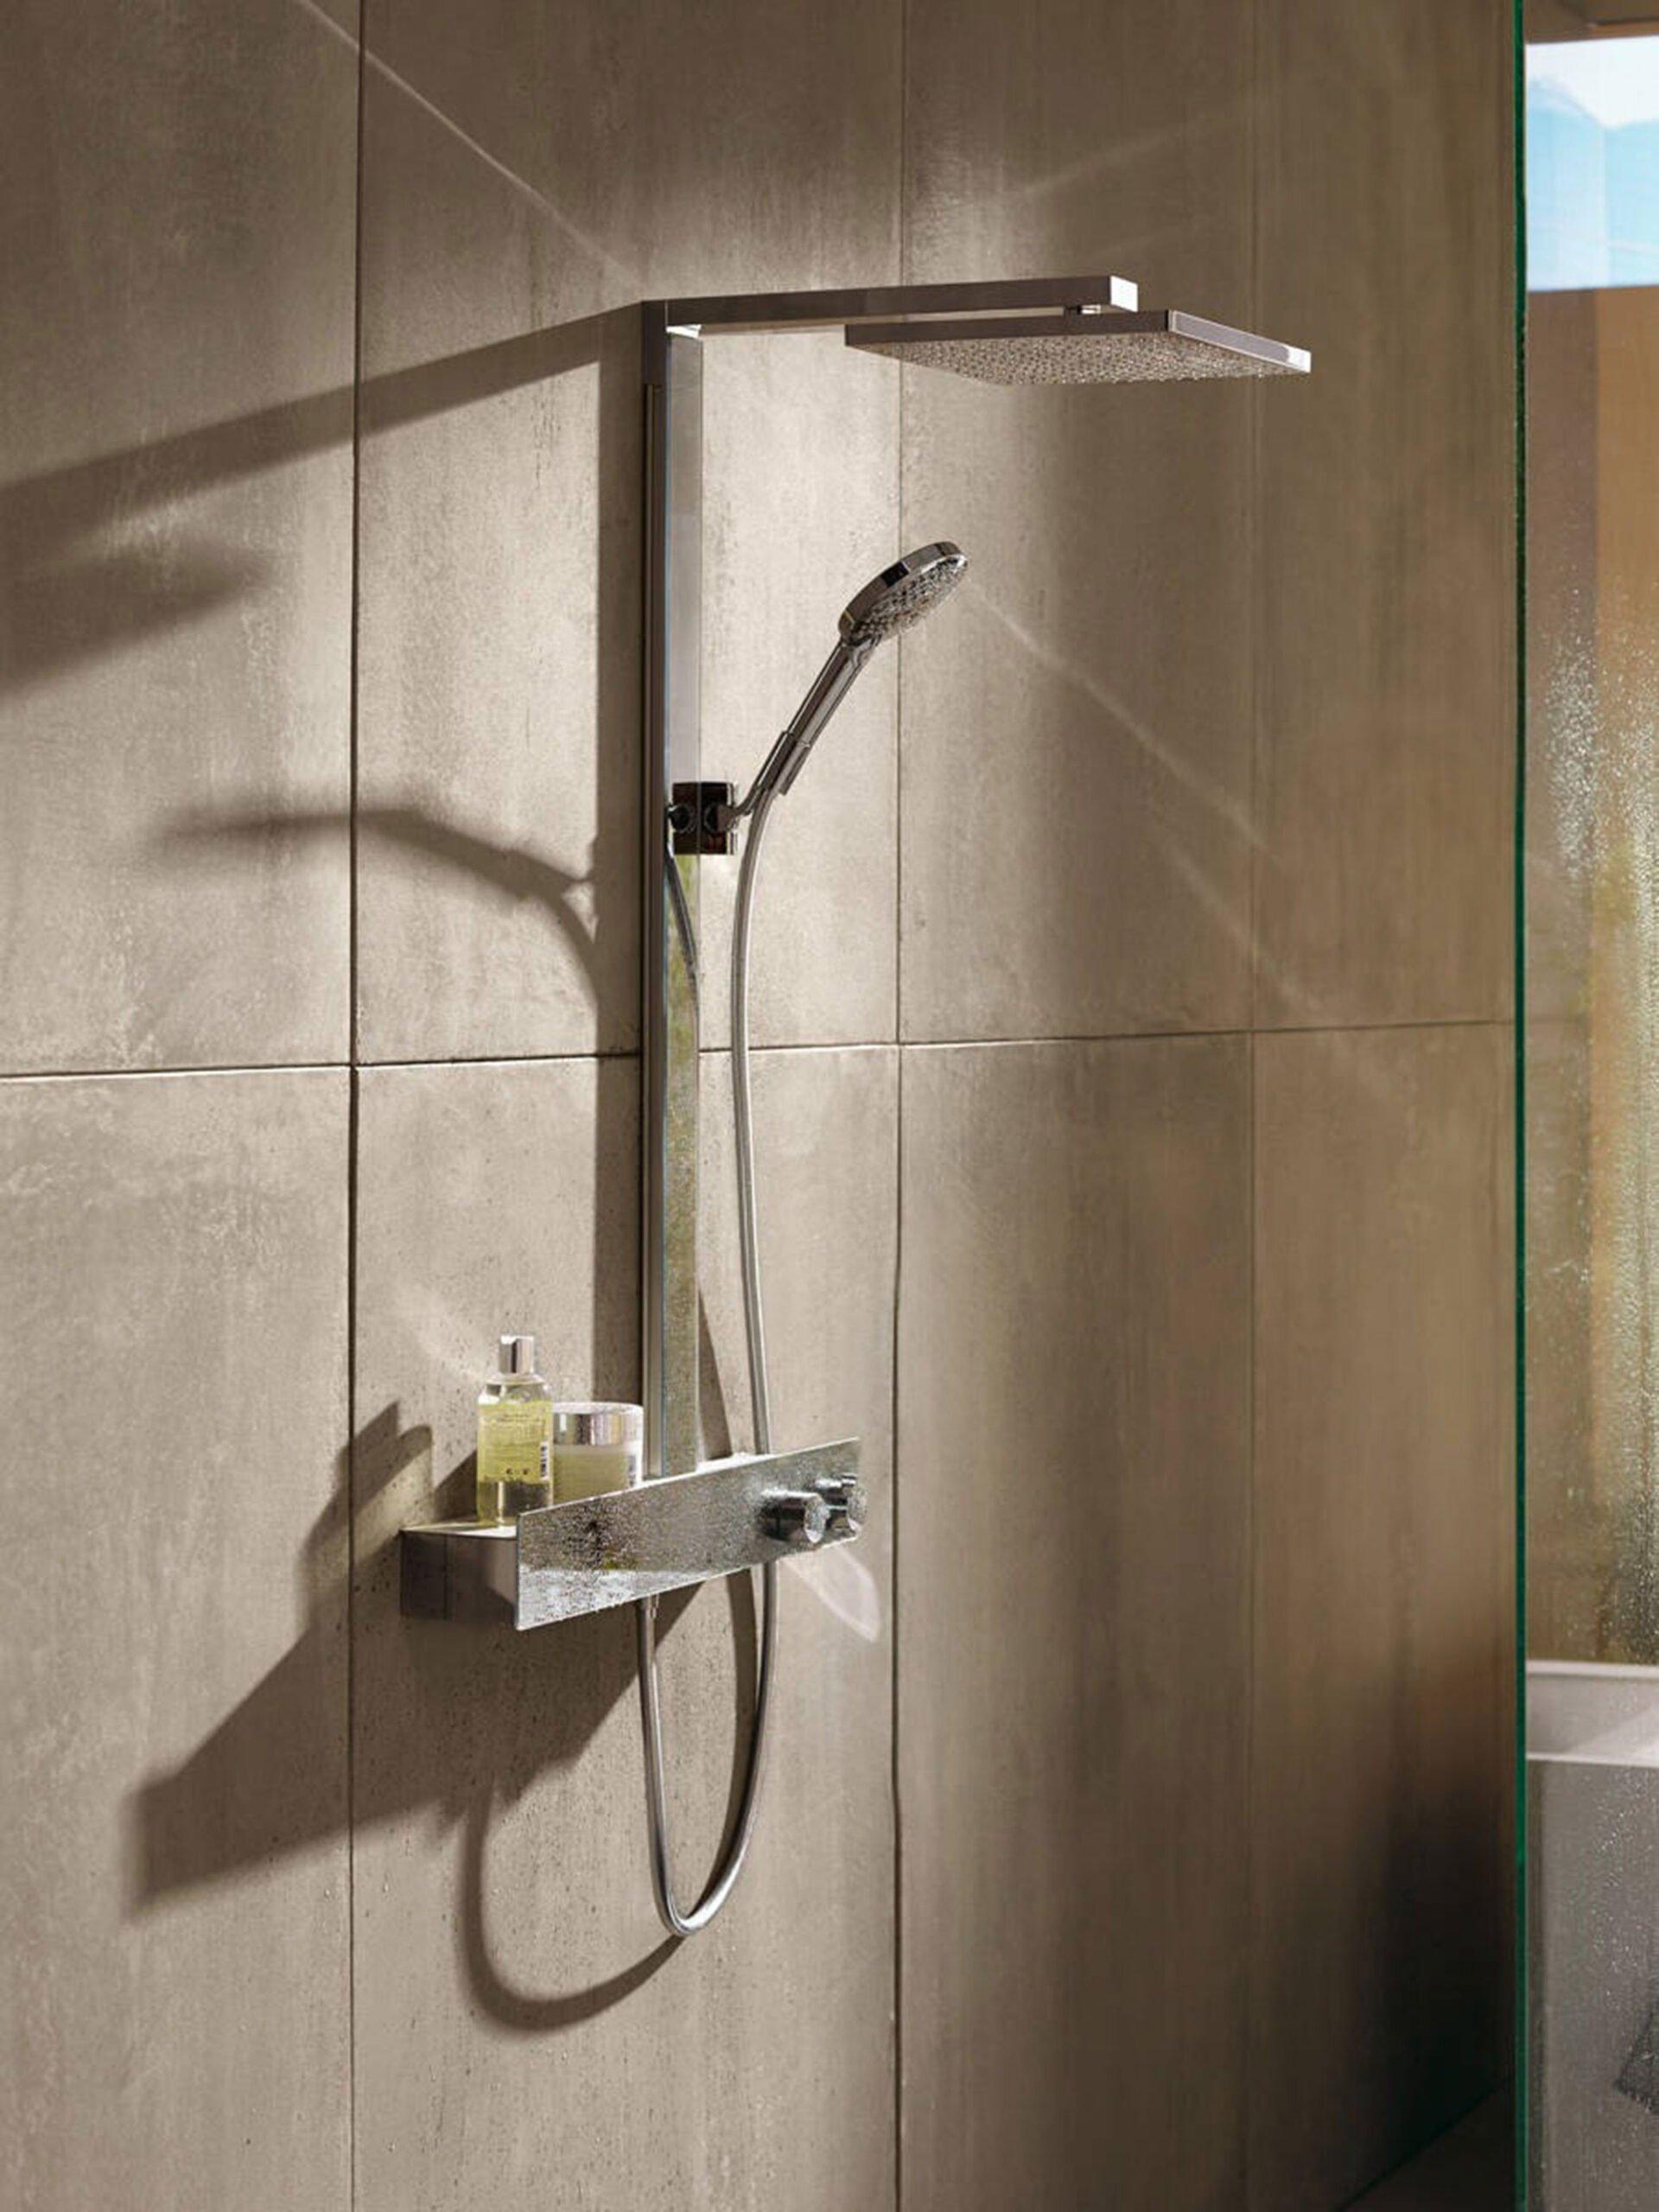 Comprar un grifo termostático de ducha en Dénia – Suministros Denia